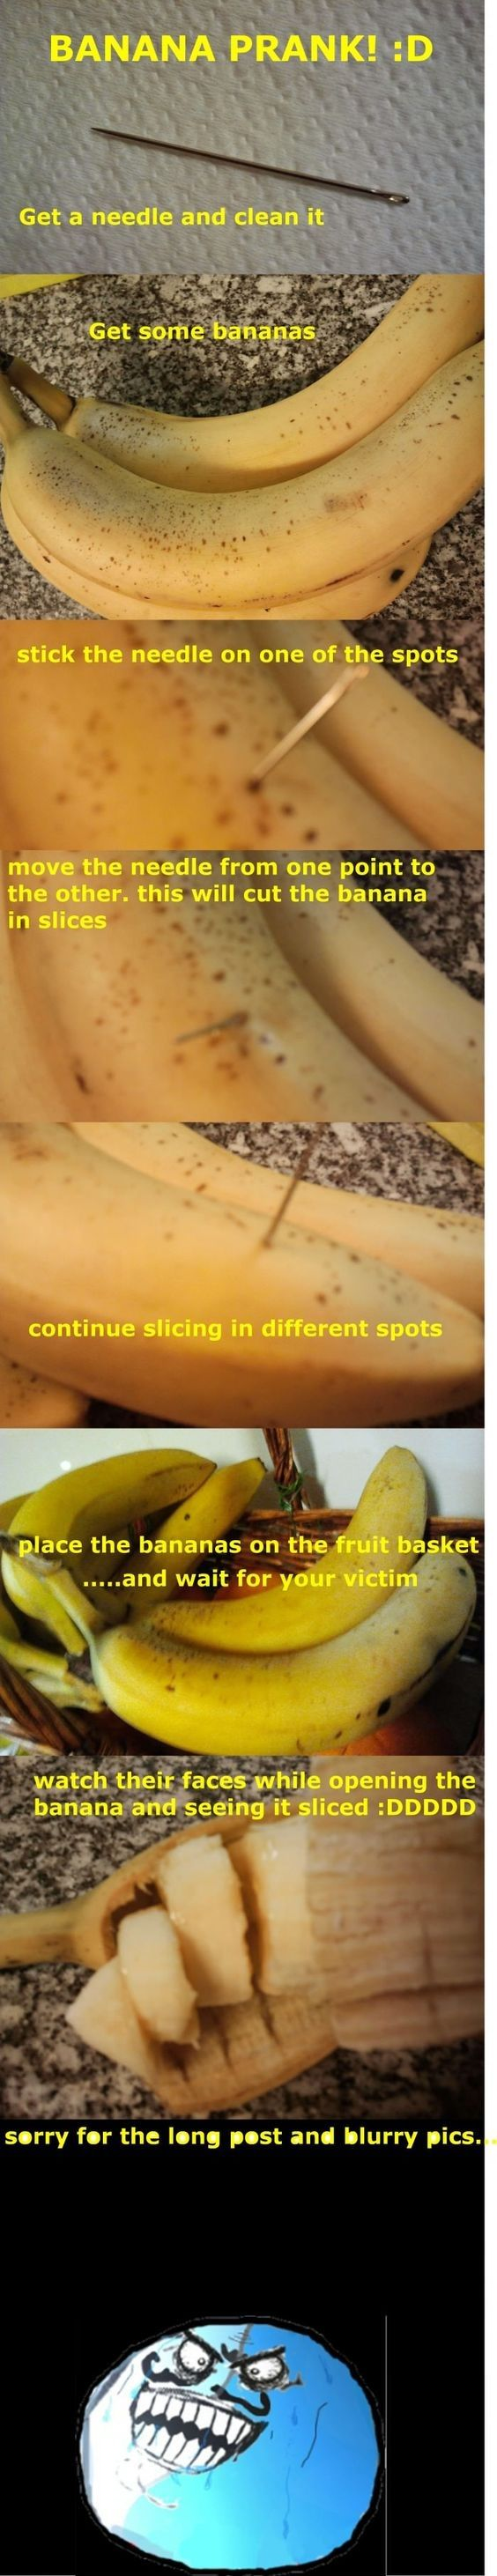 The Evil Banana Prank #pranks #funny #prank #comedy #jokes #lol #banter